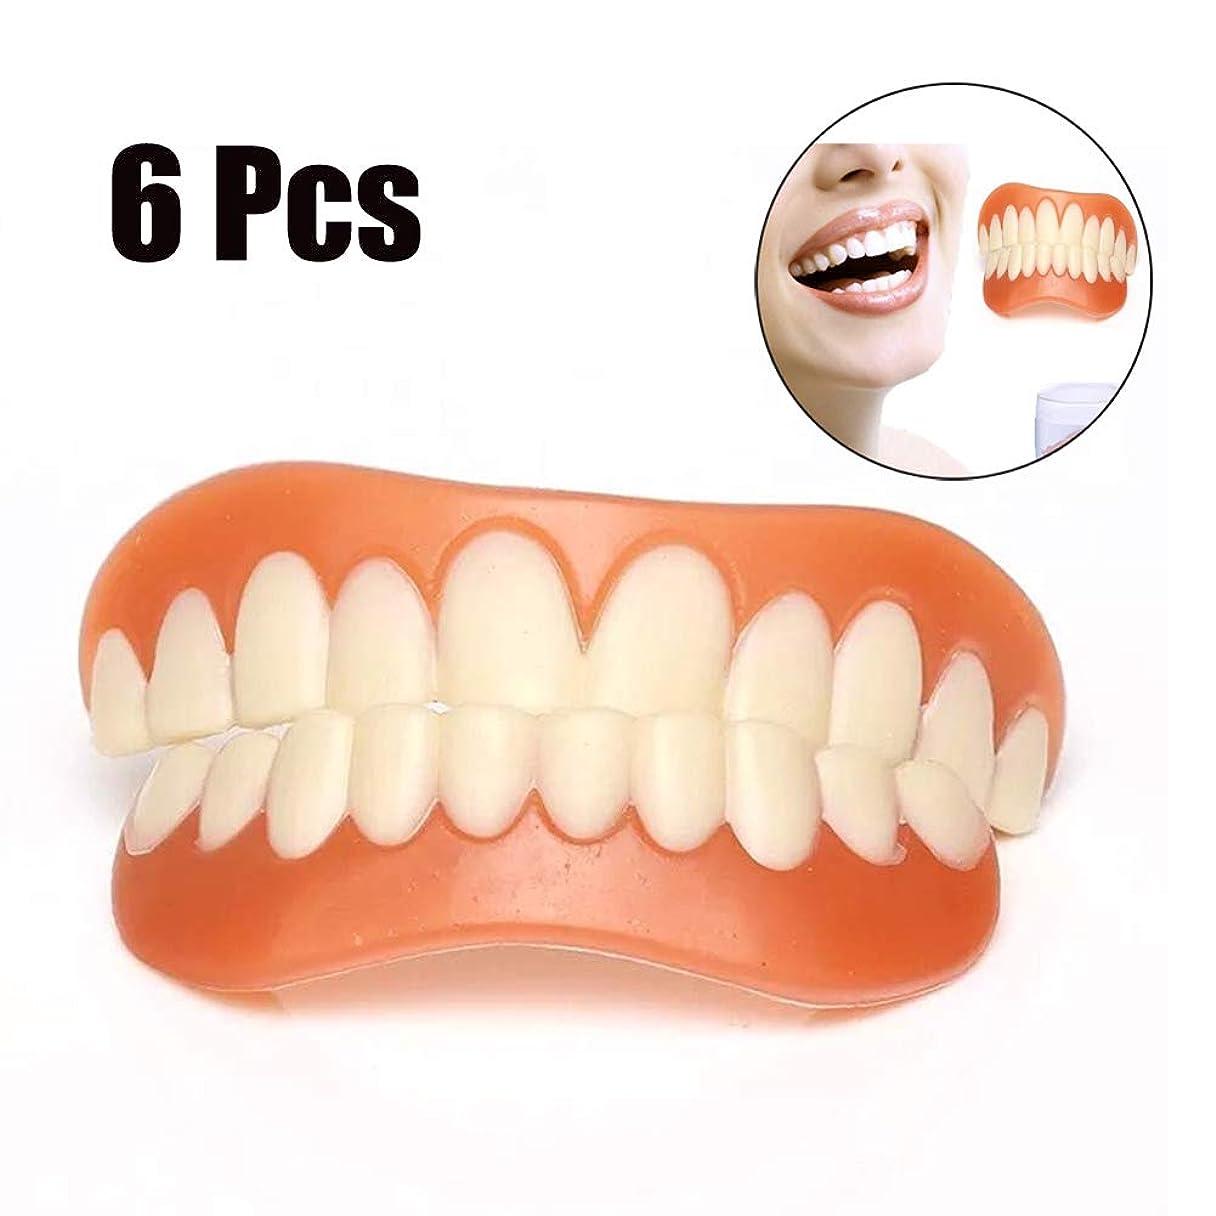 からかう提供するエクスタシー6本のパーフェクトスマイルベニヤ歯インスタントスマイルコンフォートフレックス義歯数分以内に自宅であなたの笑顔を修正